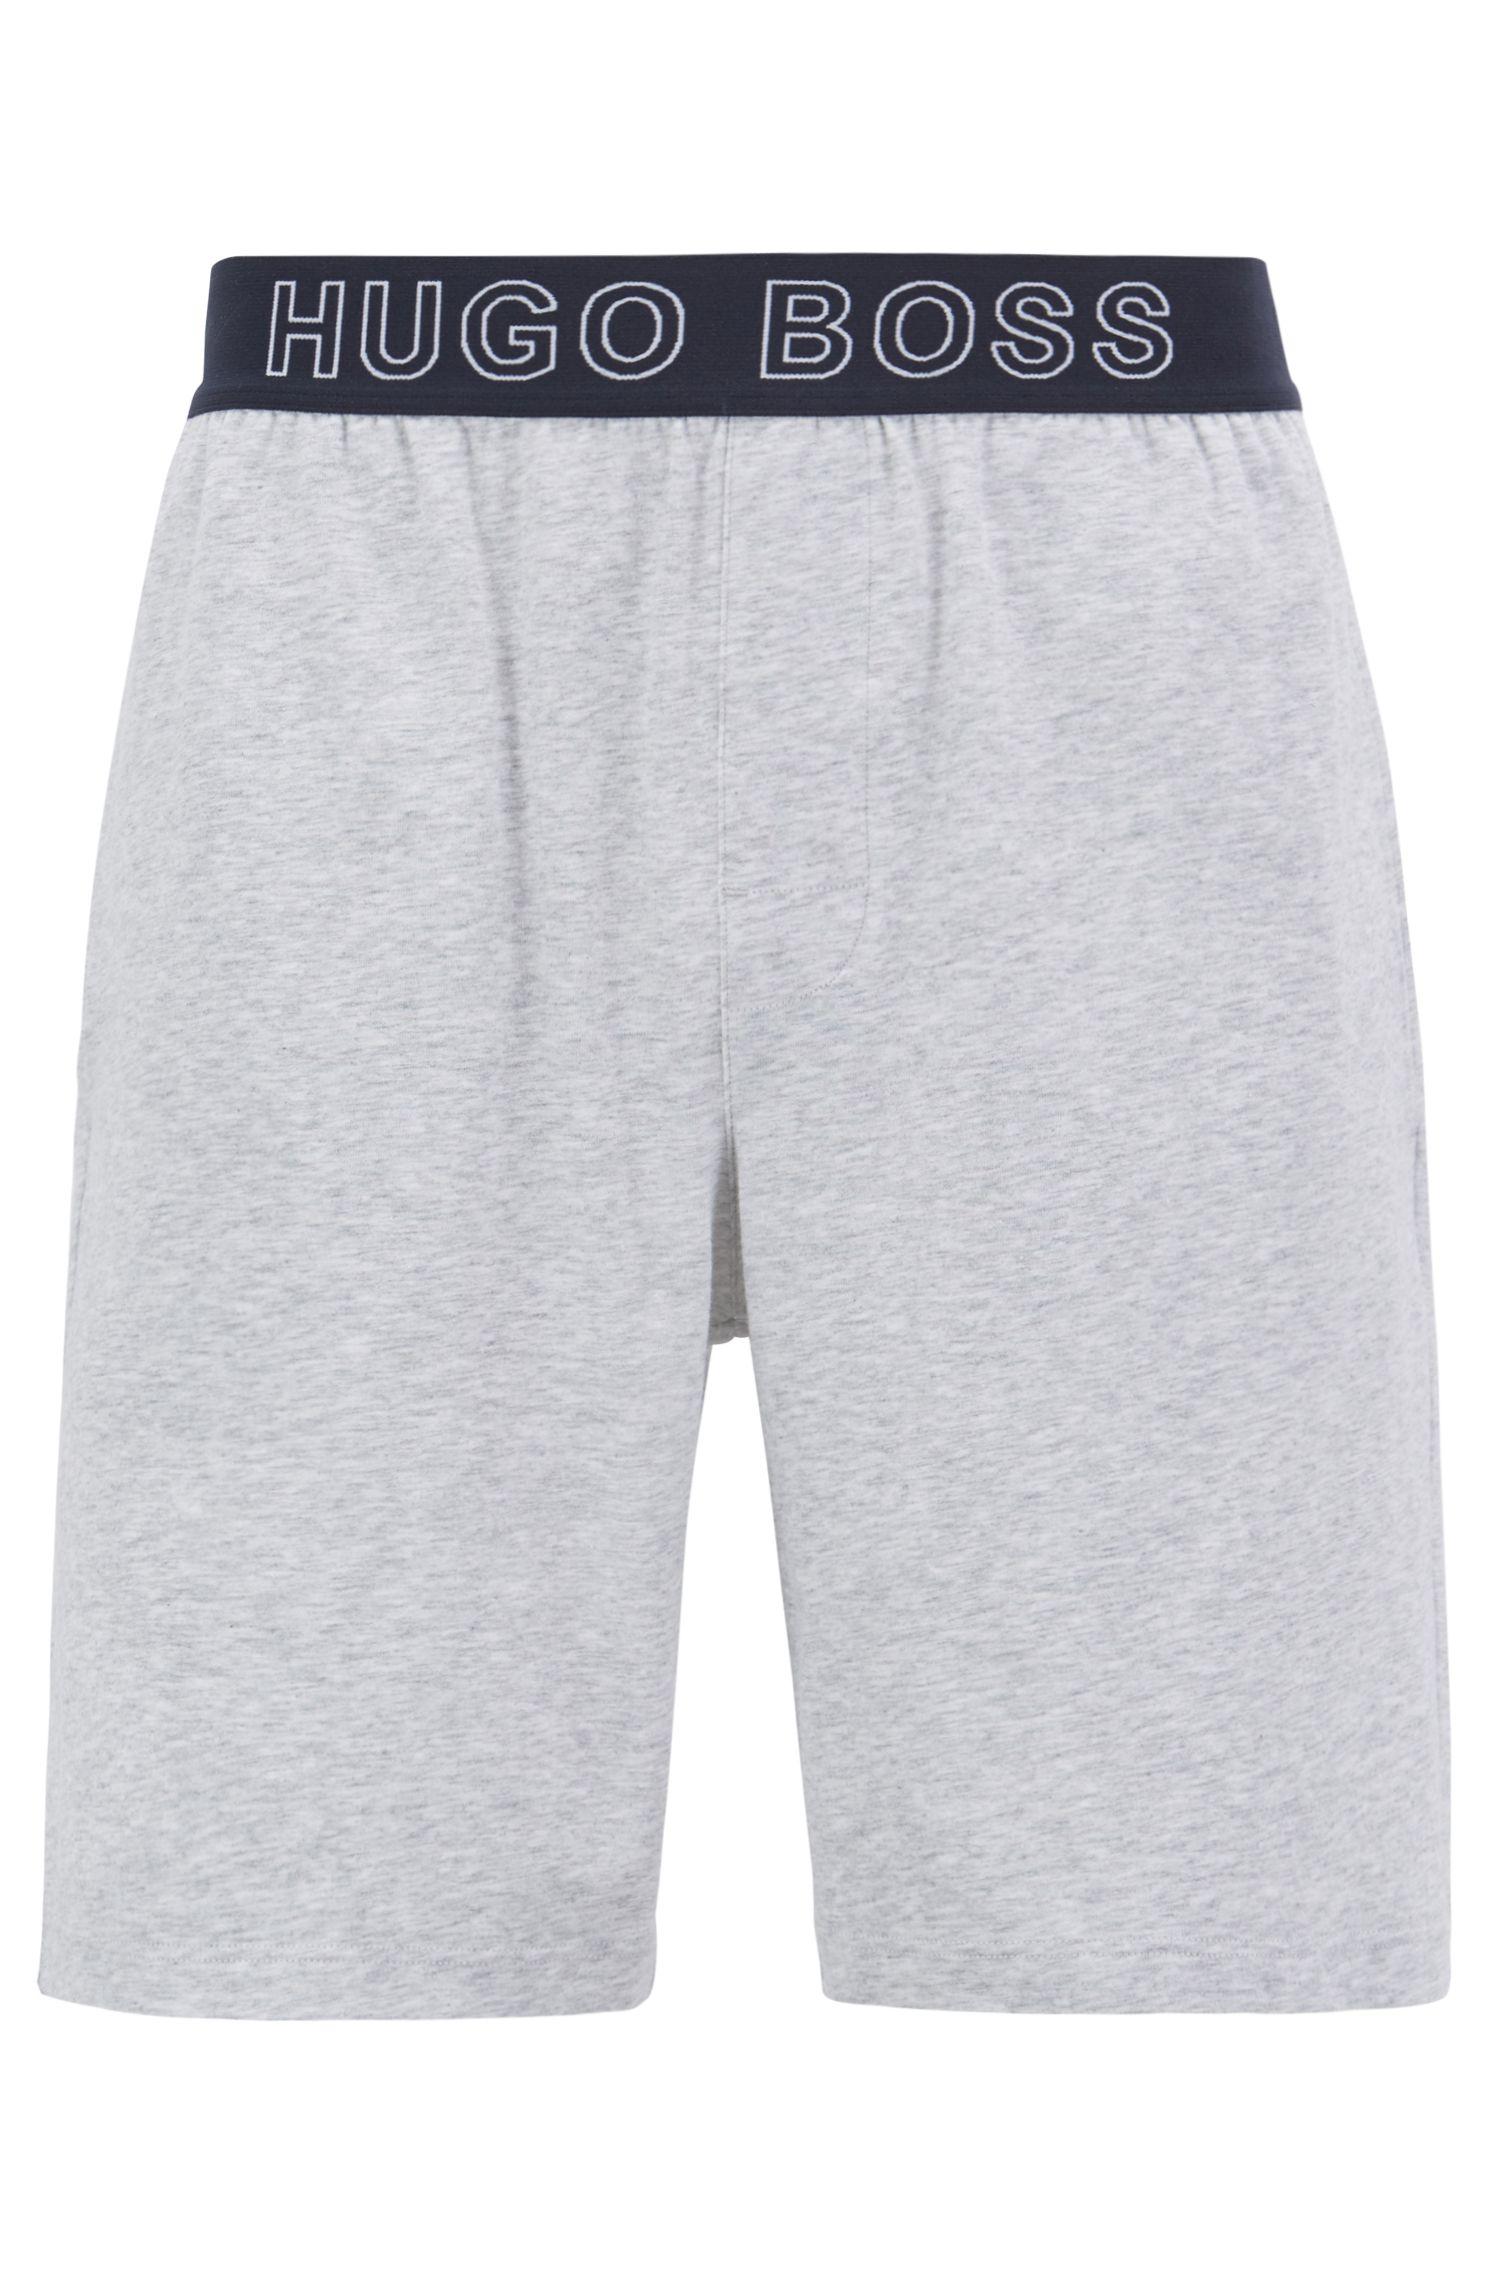 Shorts de pijama de algodón elástico con logo de jacquard en la cintura, Gris